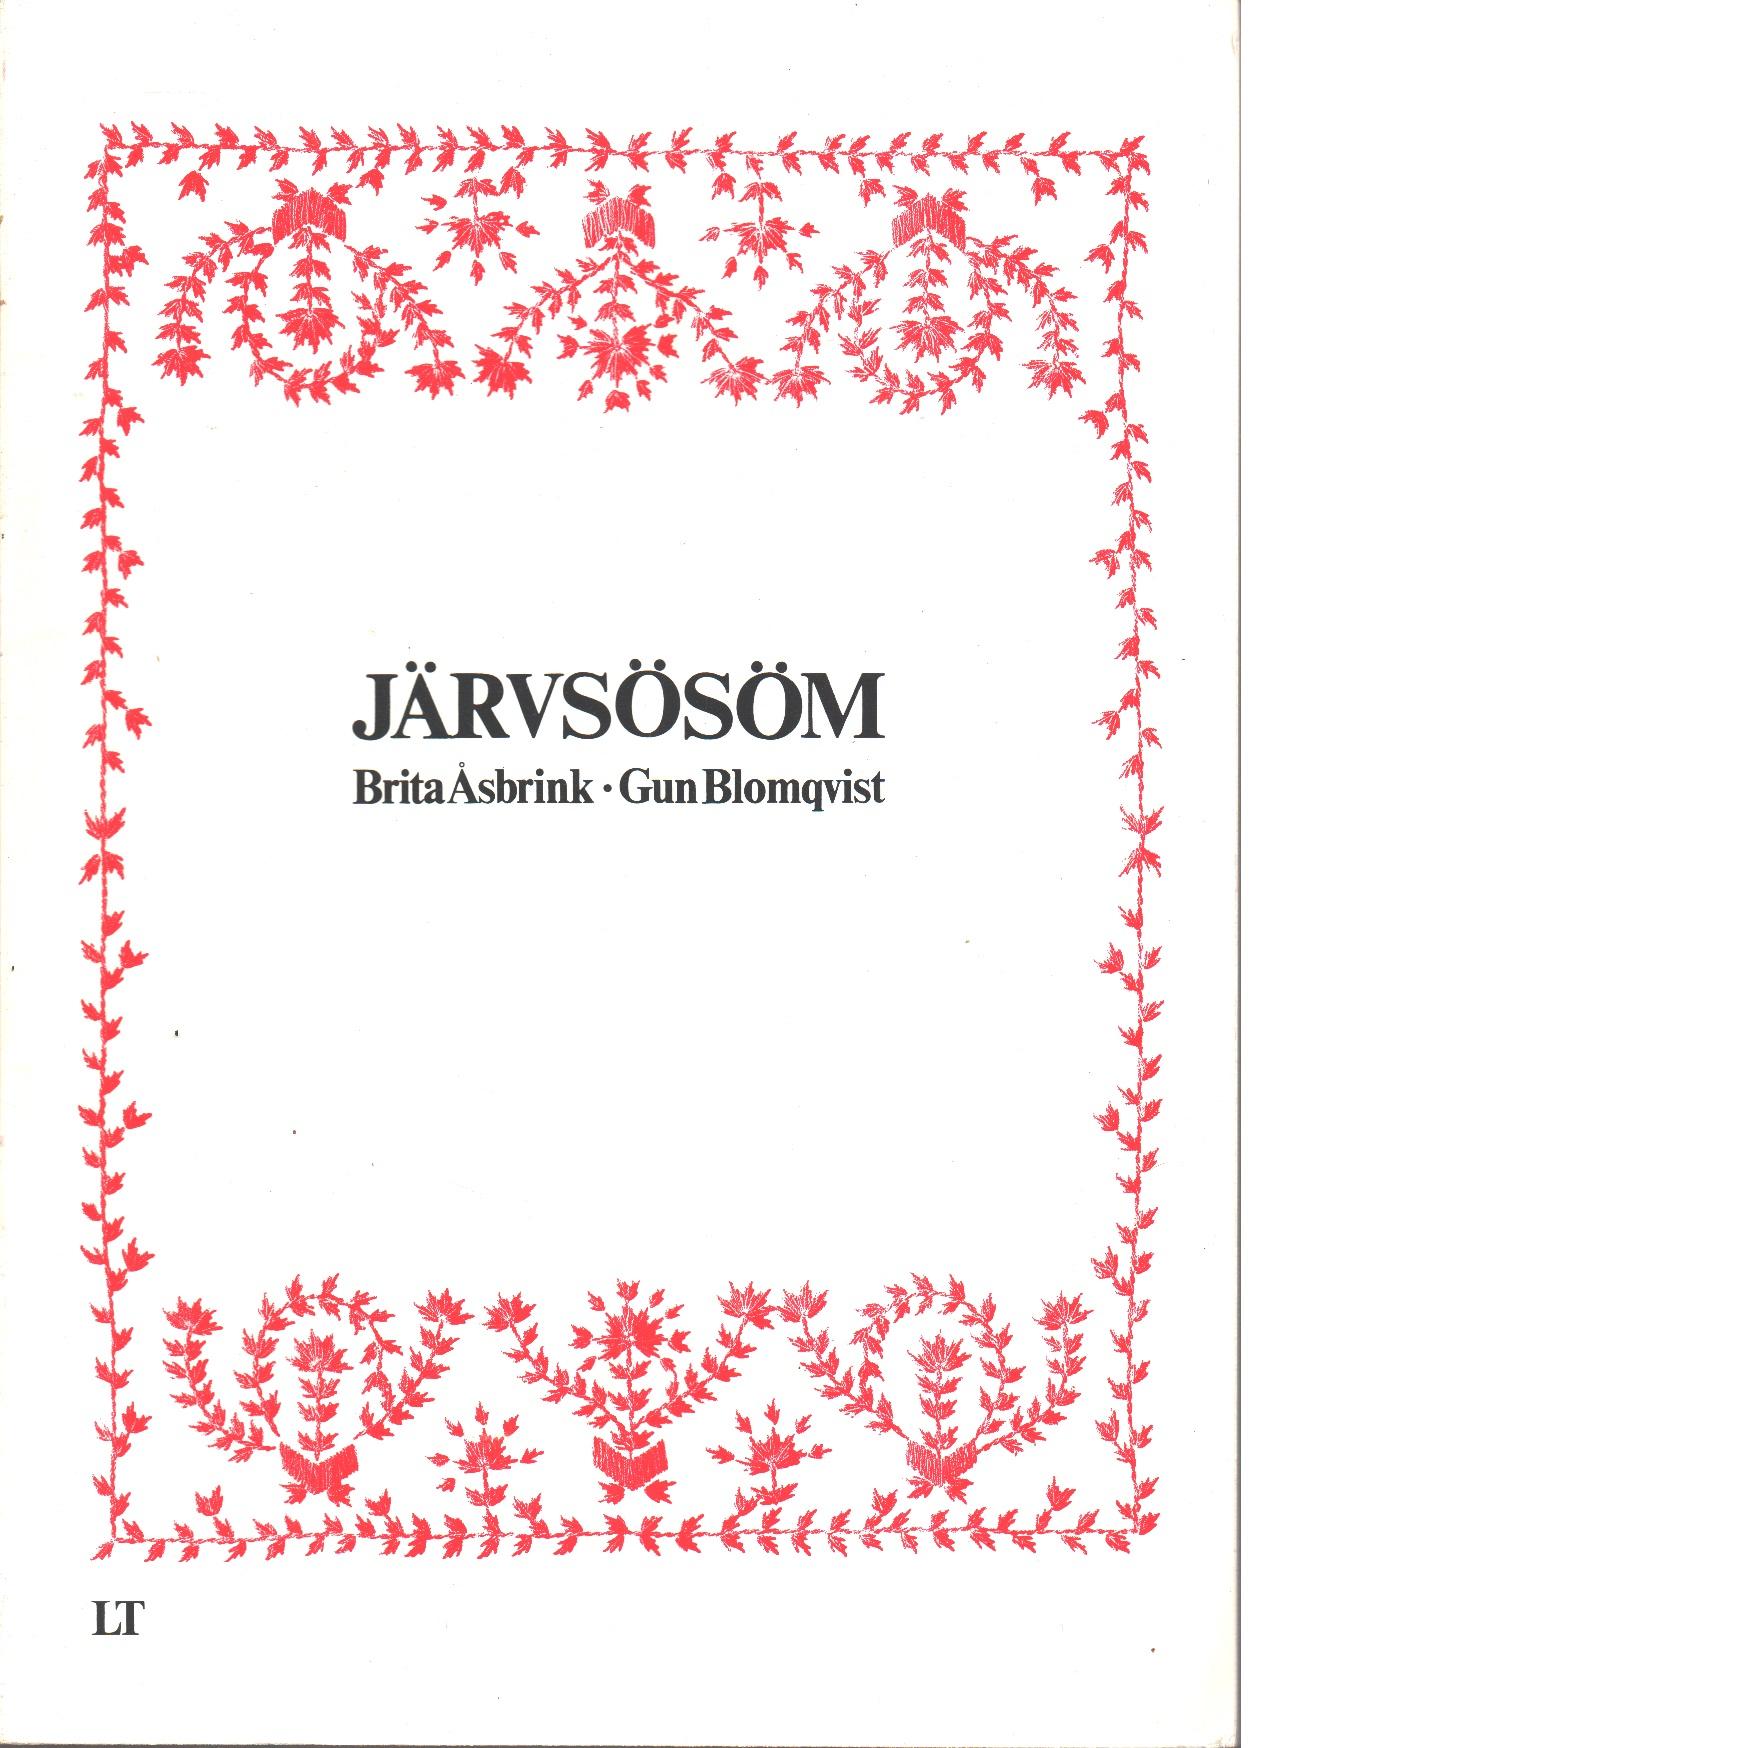 Järvsösöm - Blomqvist, Gun och Åsbrink, Brita